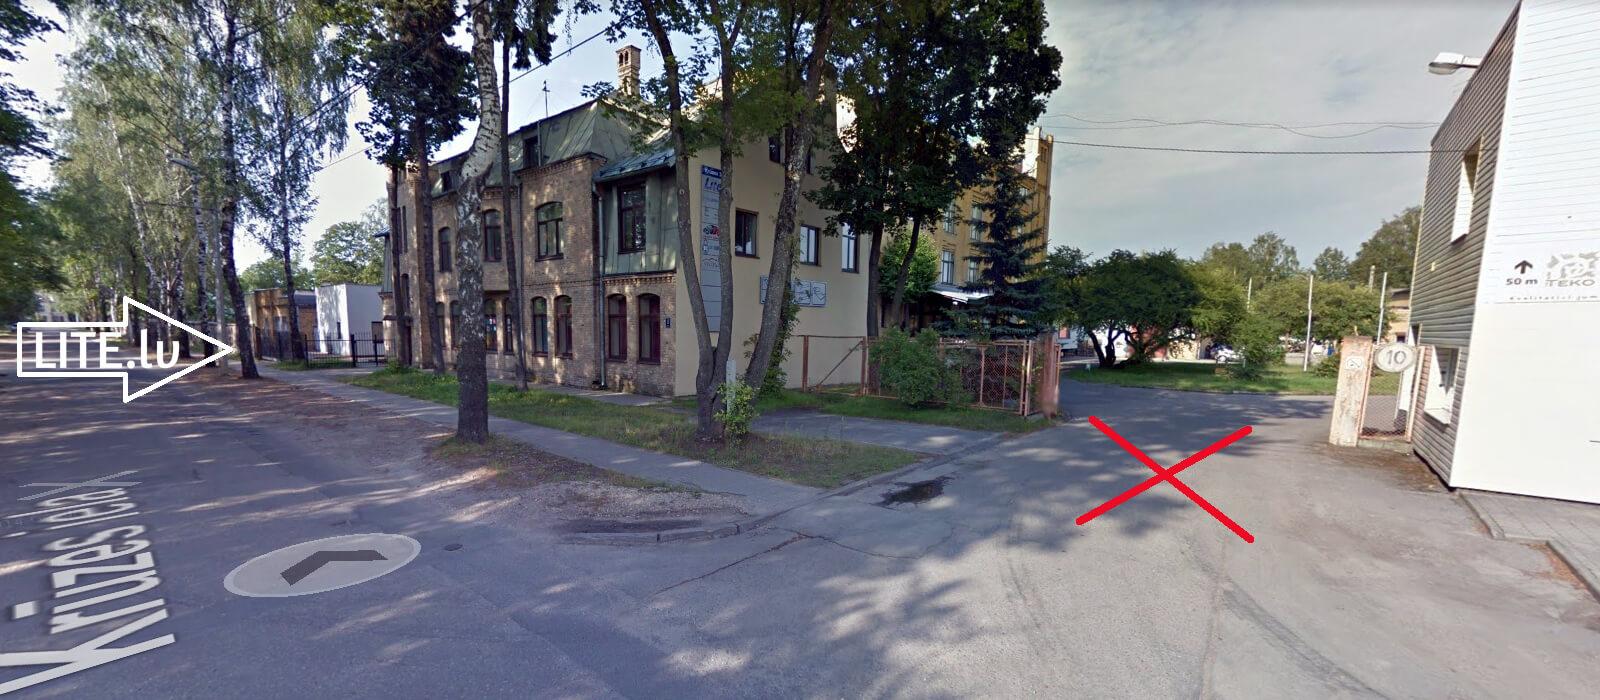 Krūzes iela 3, norādes iebraukšanai LITE.lv teritorijā